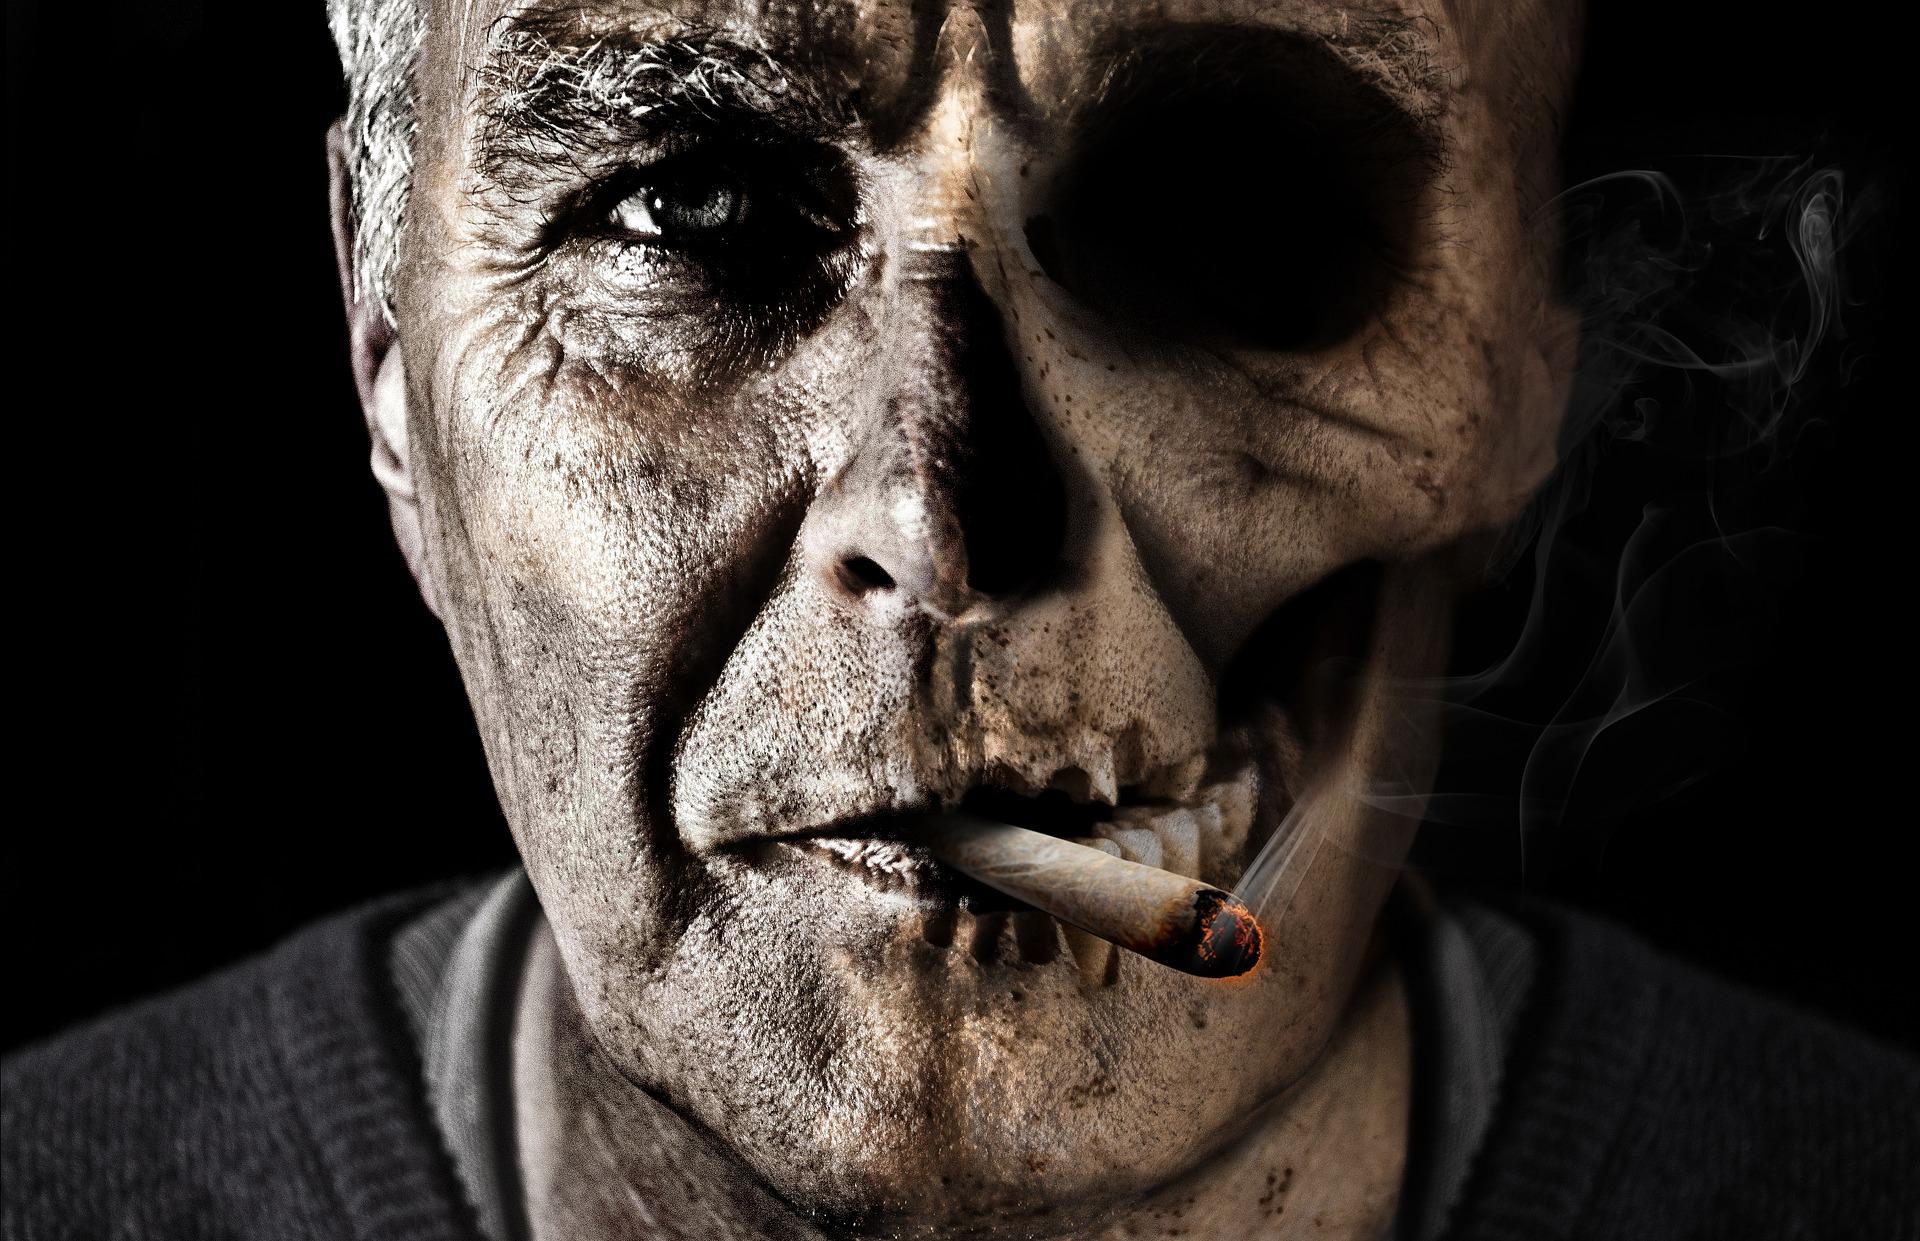 吸烟的老头